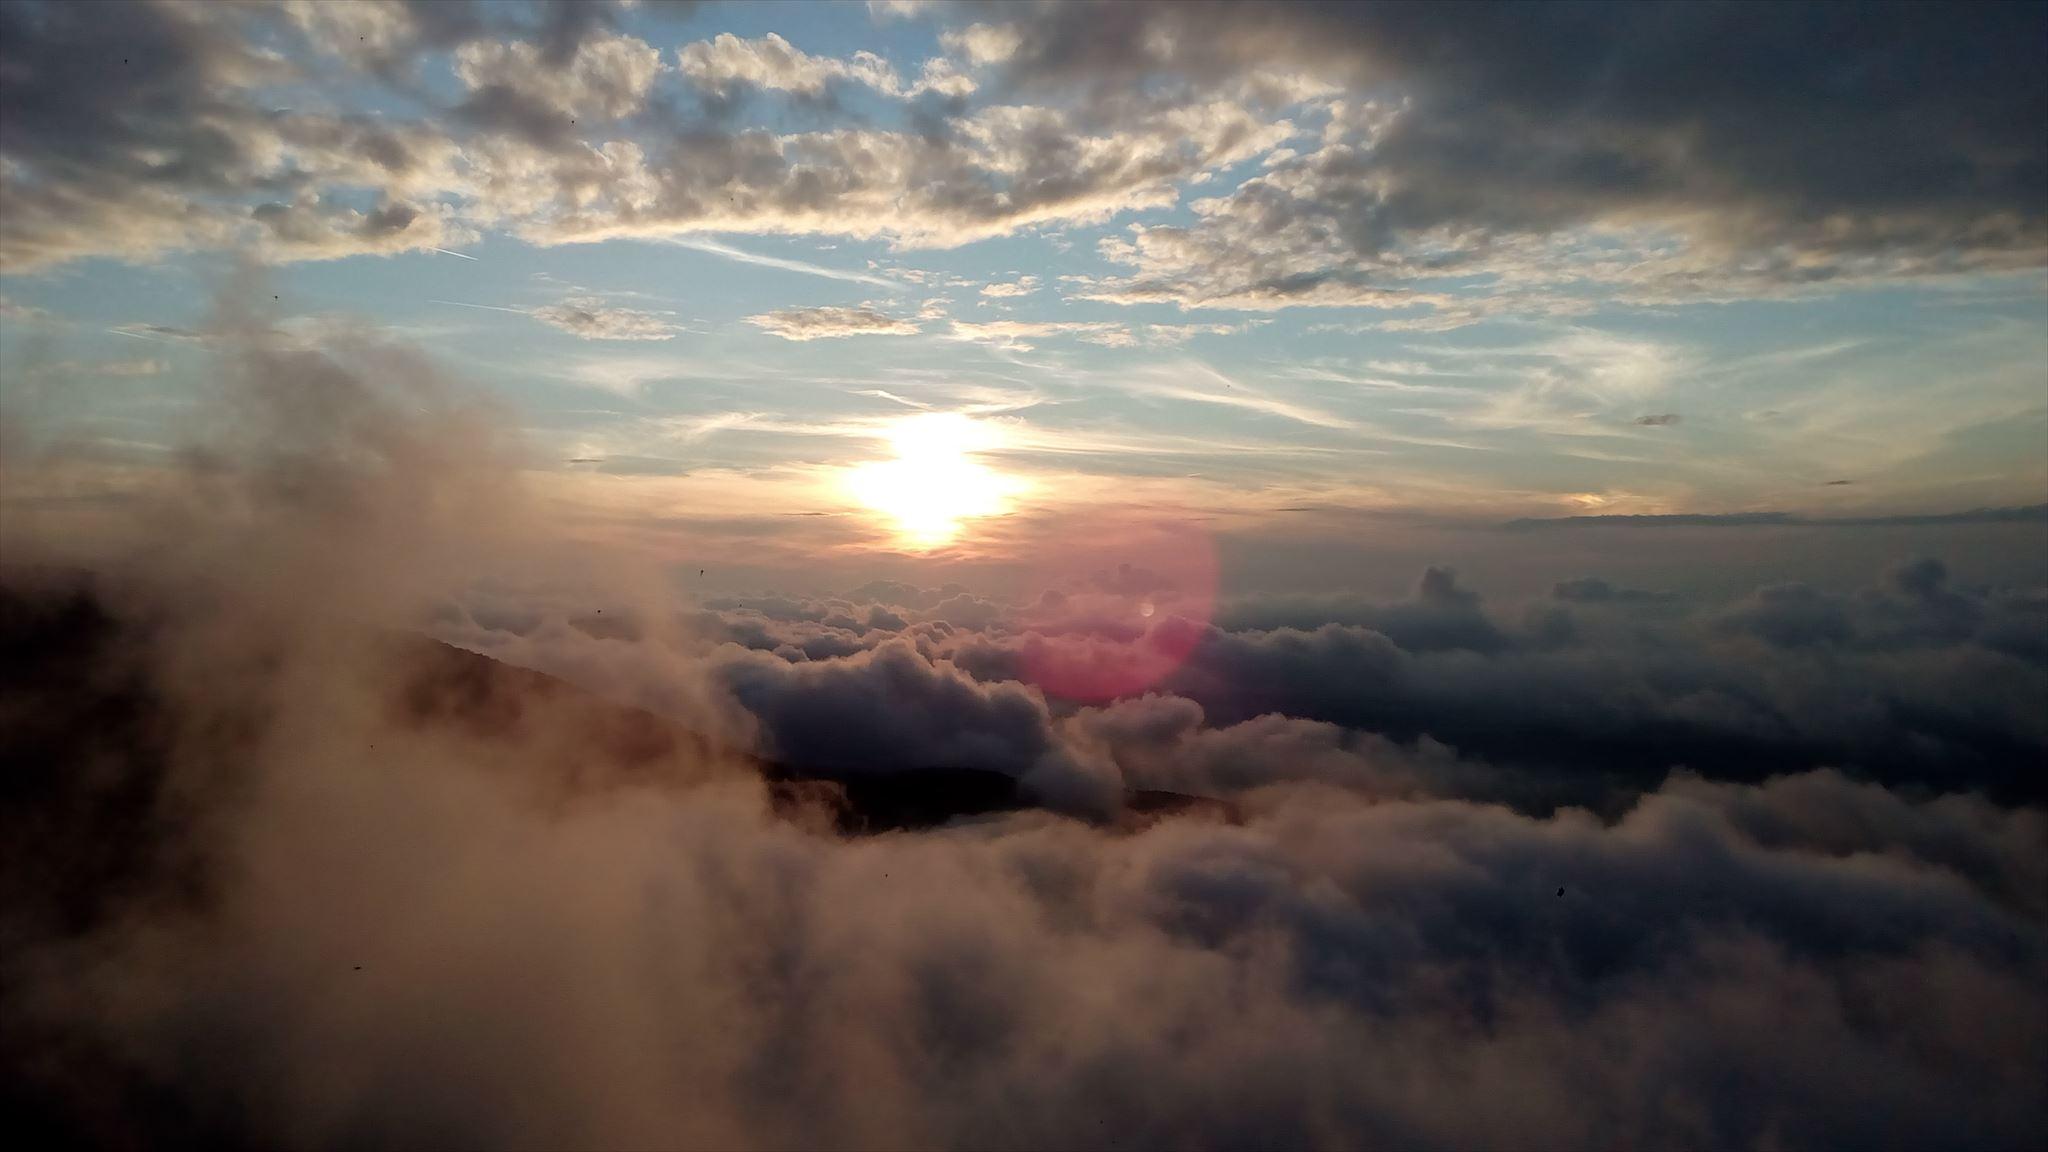 V nebi nebo v oblacich